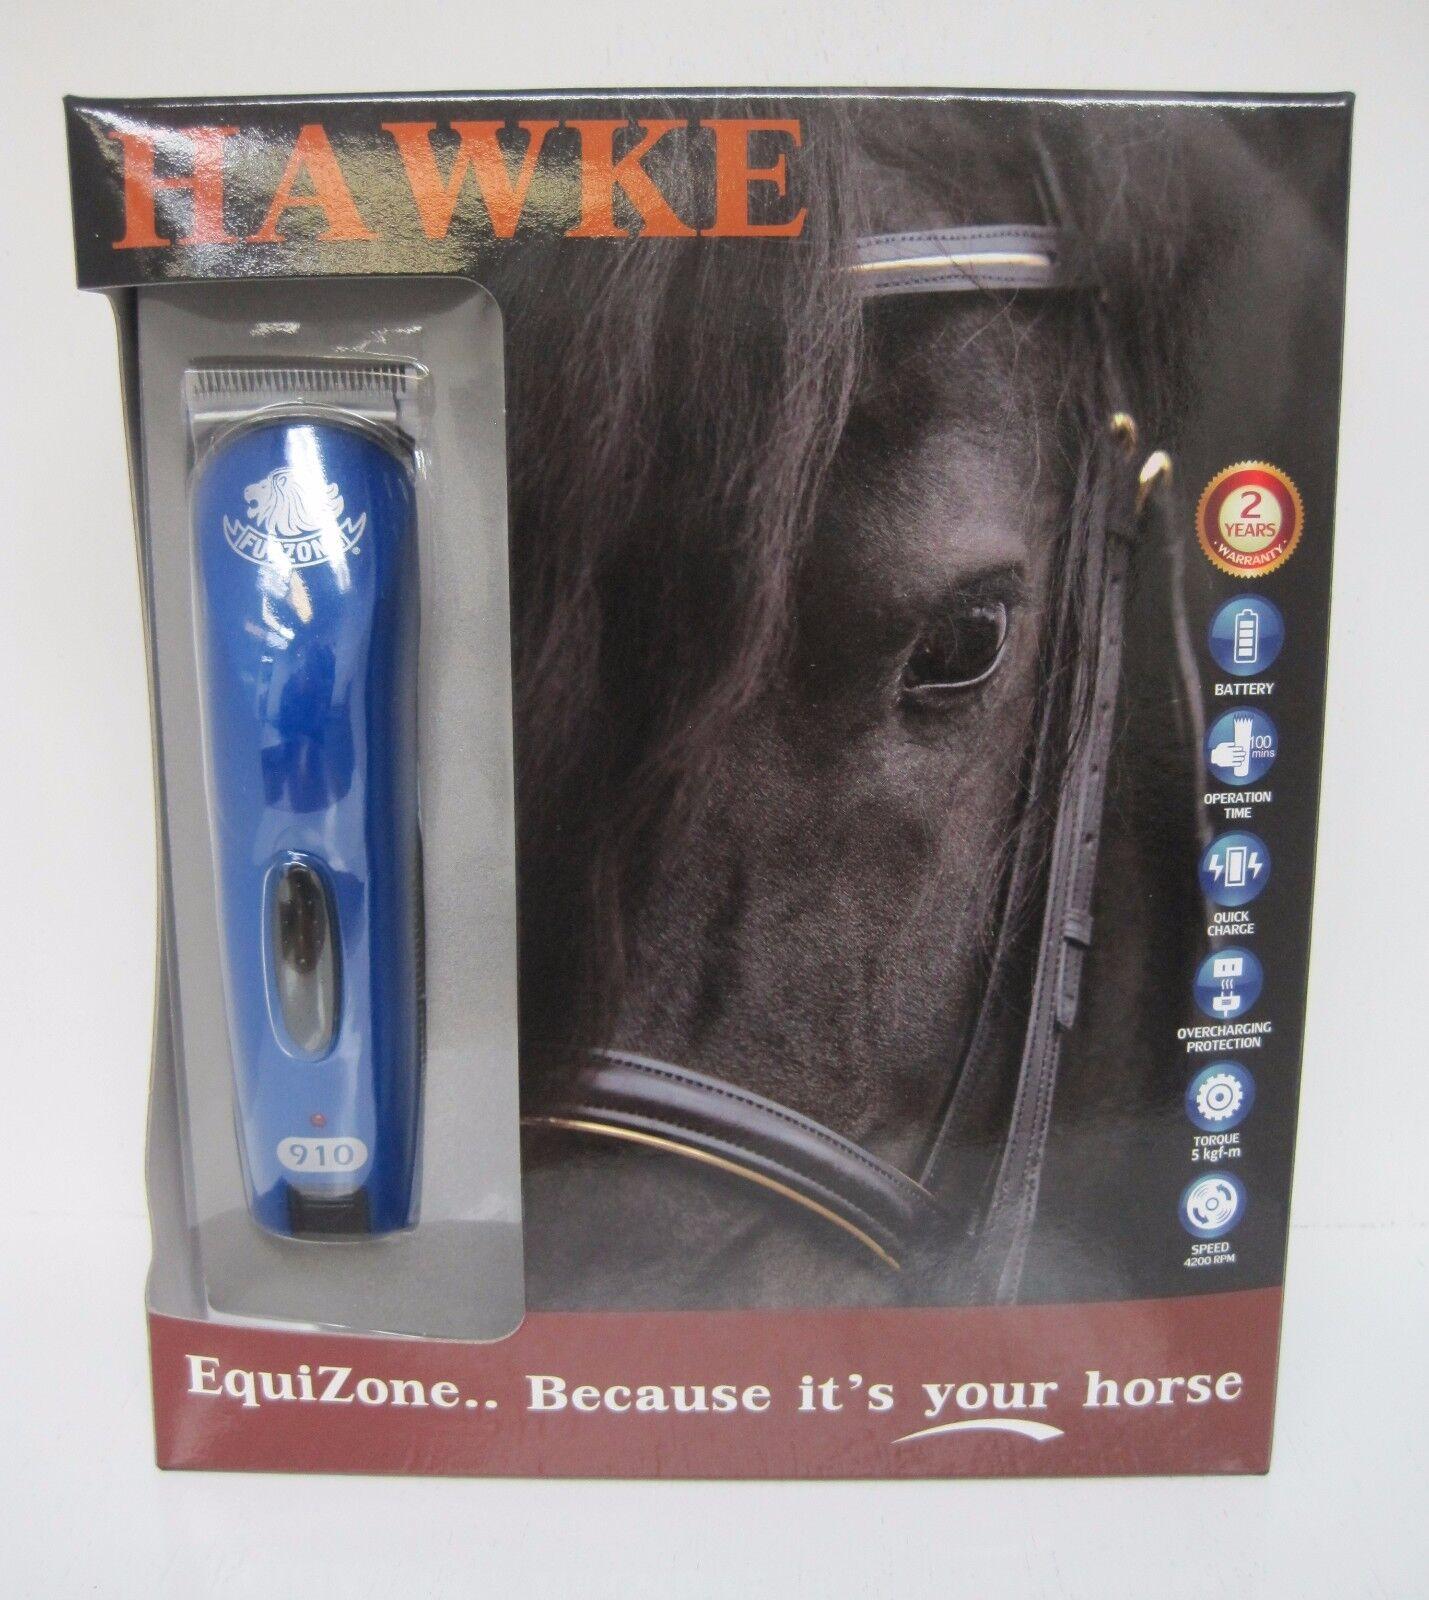 FURZONE HAWKE 910 CORDLESS CLIPPER